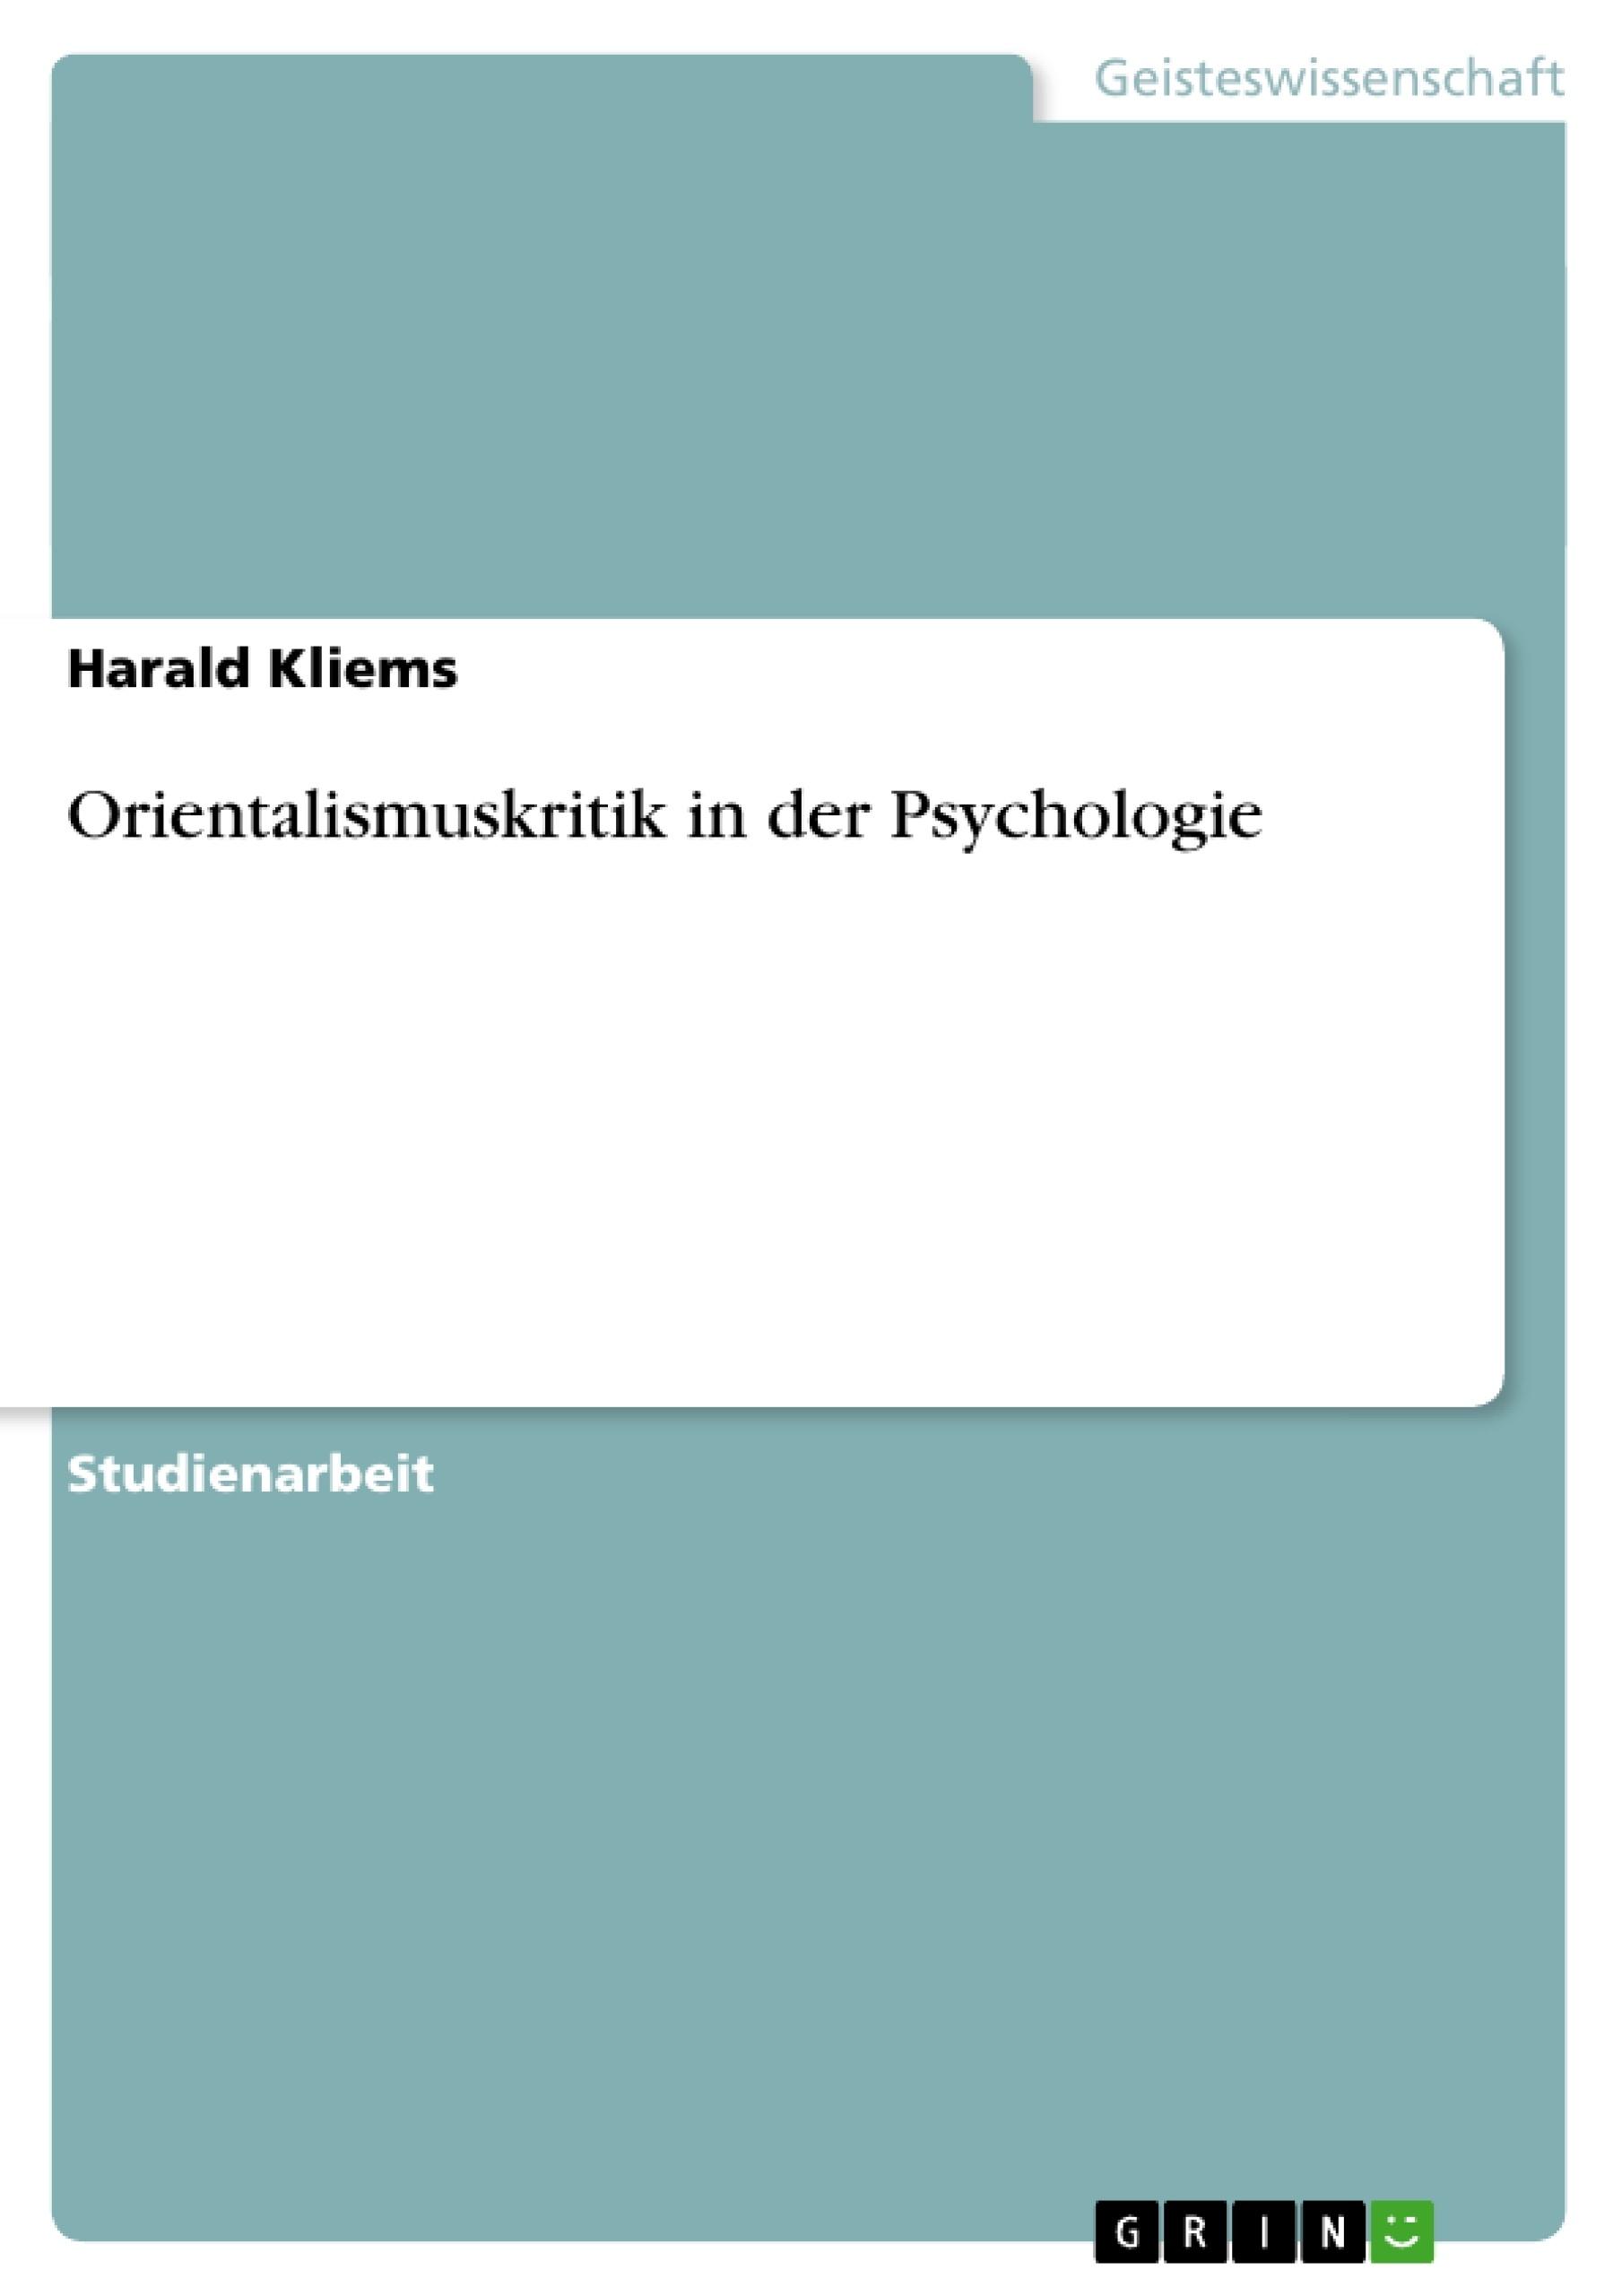 Titel: Orientalismuskritik in der Psychologie